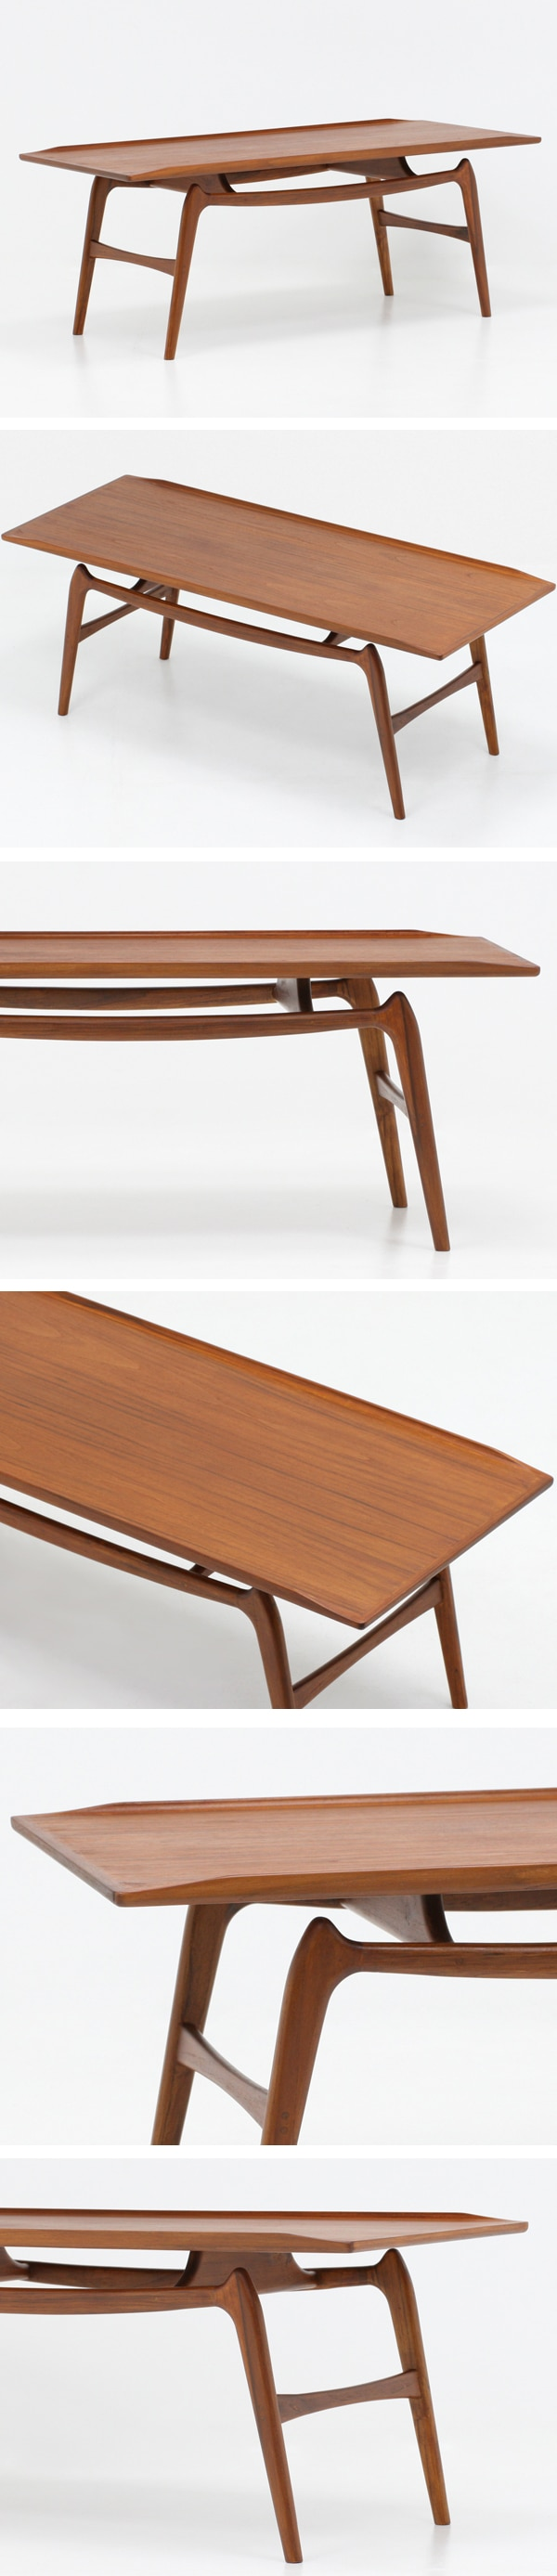 北欧デザイン家具,Klokken,クロッケン,チーク材,コーヒーテーブル,センターテーブル